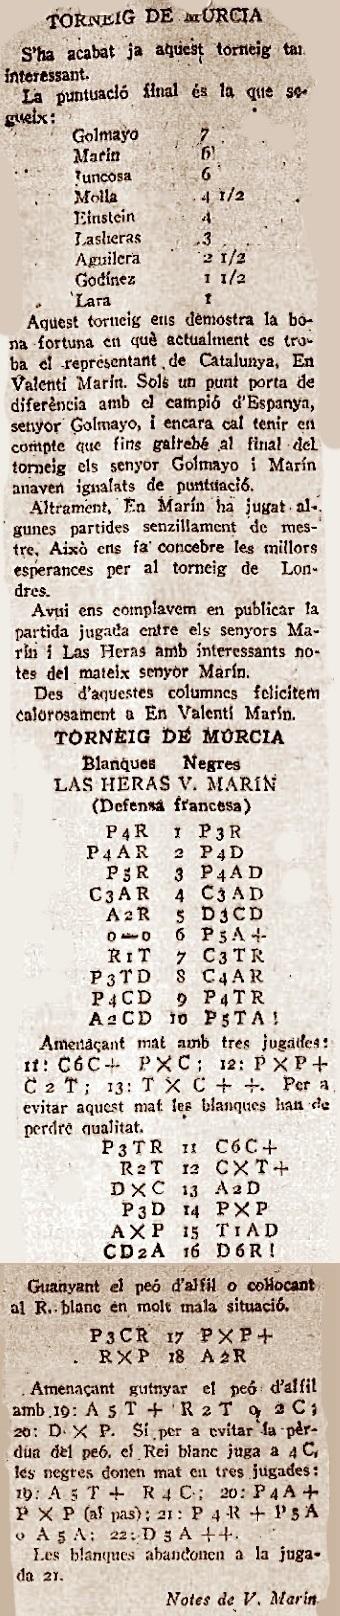 Torneo Nacional de Ajedrez Murcia-1927 - Recorte de La Publicidad, 27/4/1927